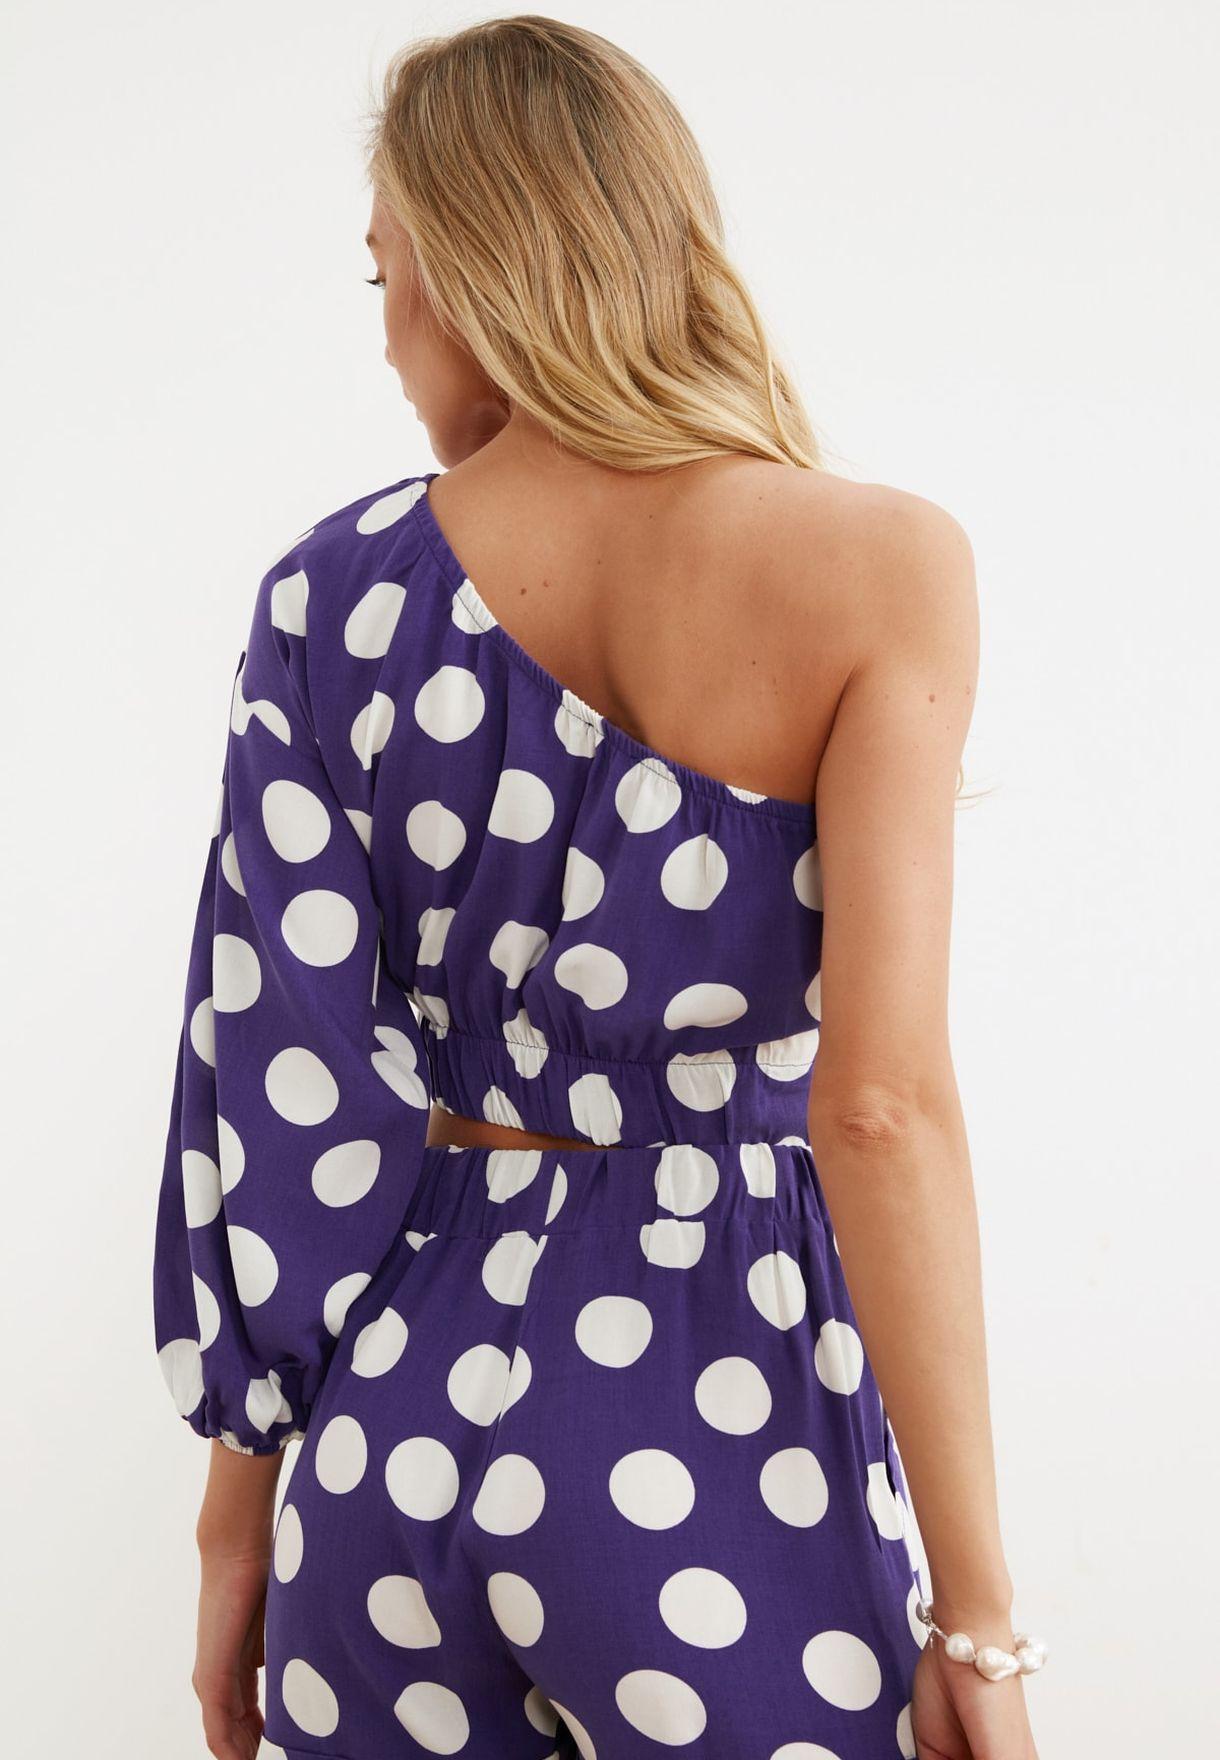 Polka Dot One Shoulder Crop To & Shorts Set